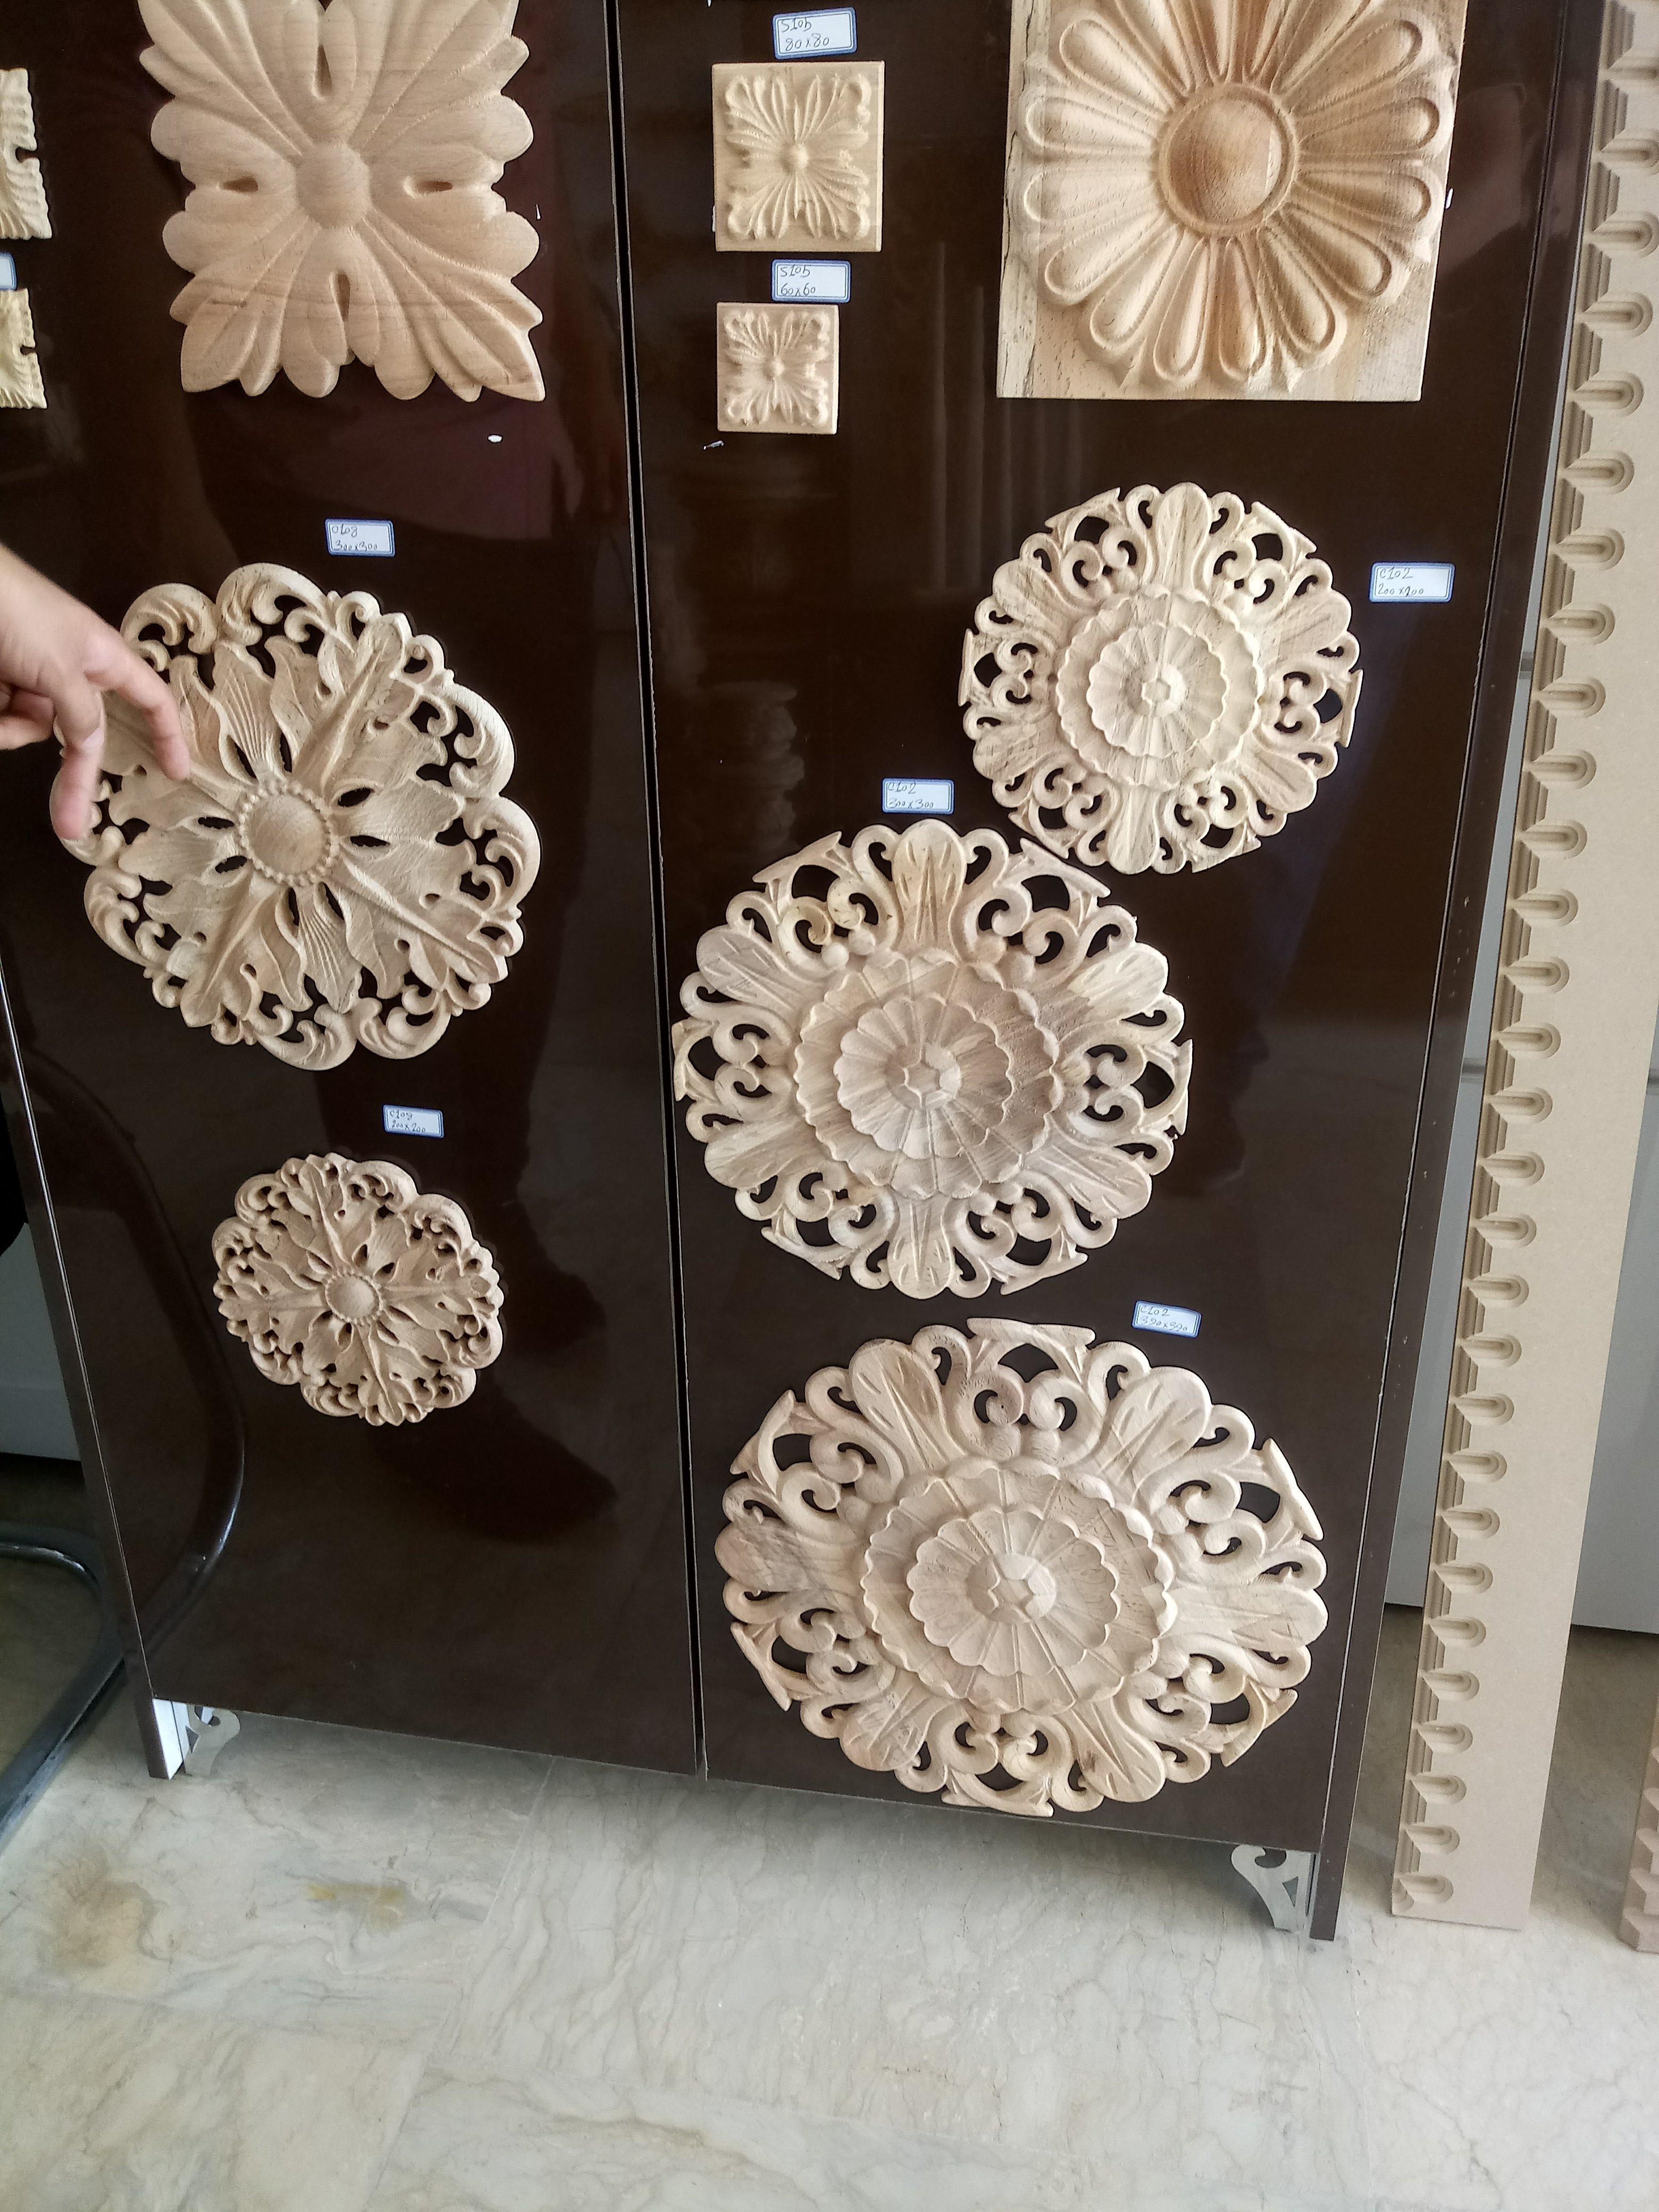 گل منبت بزرگ مناسب نقطه کانونی درب یا دیوار پذیرایی